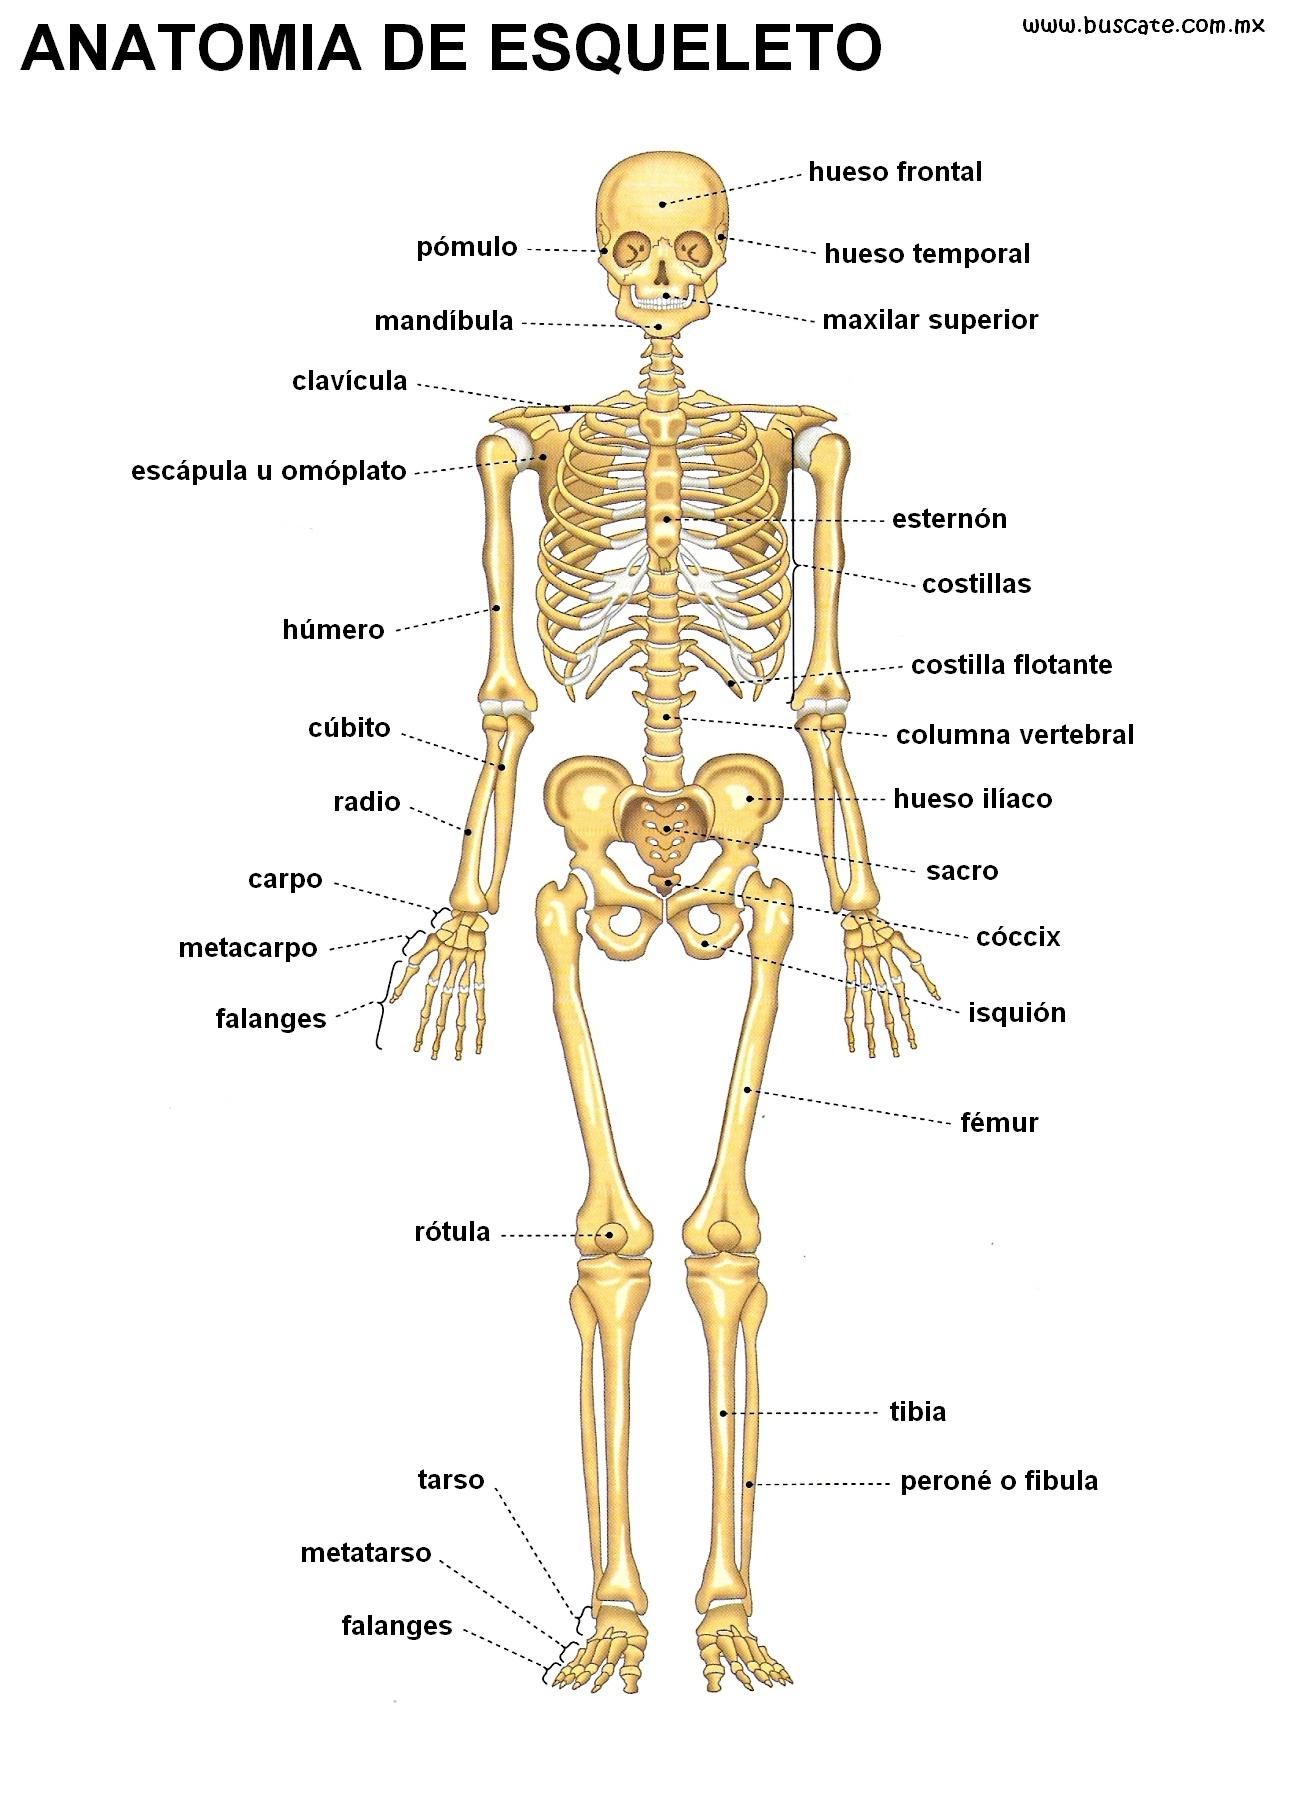 Imágenes de el esqueleto humano | Descargar imágenes gratis